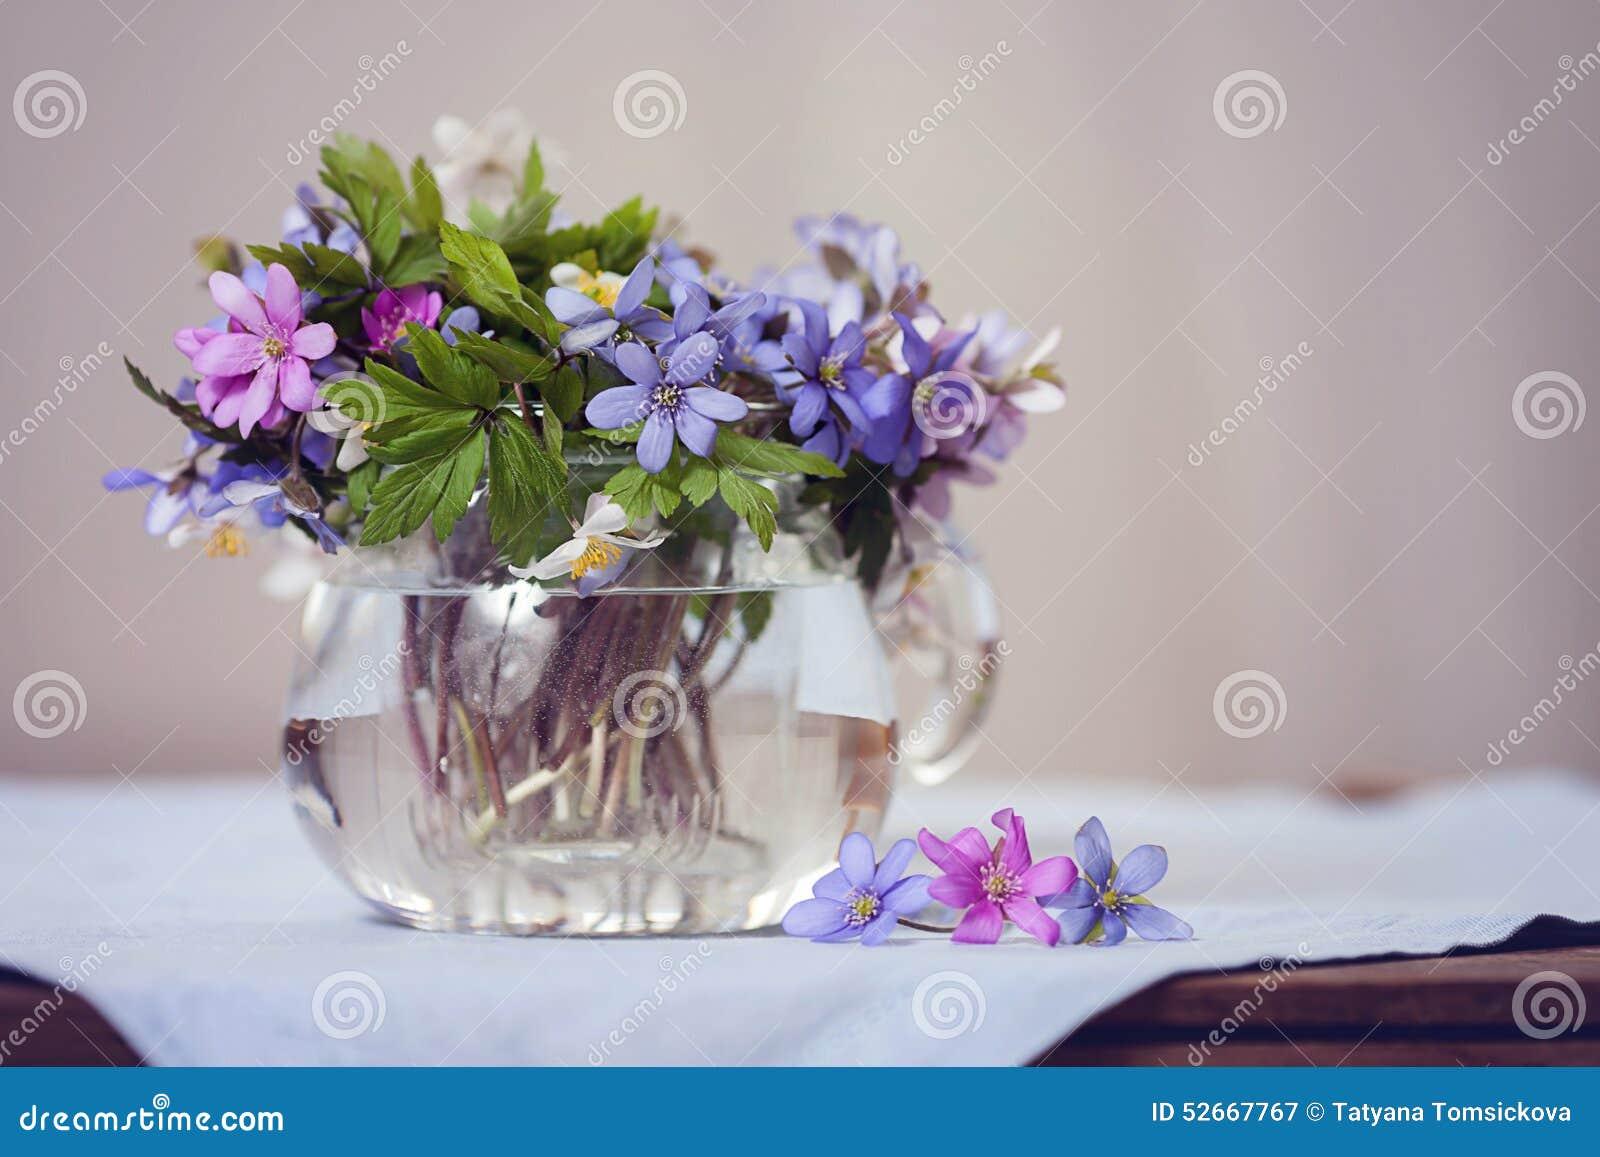 Vaso con fiori vasi con fiori finti piante finte with for Fiori da vaso